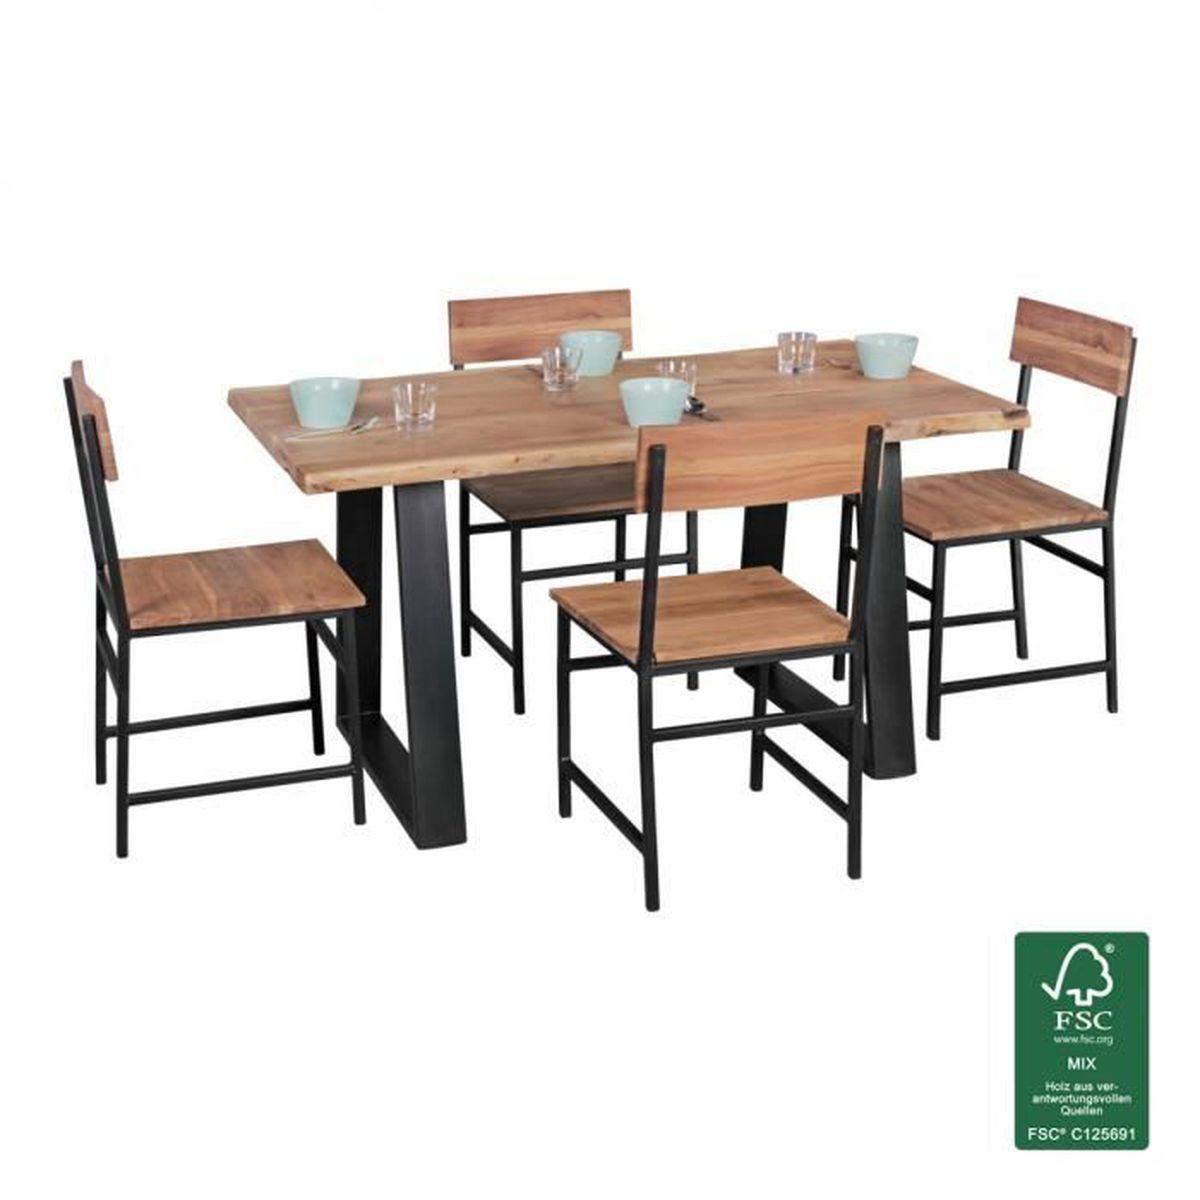 Wohnling Table Tronc D Arbre Feuillus Acacia 140 X 80 Cm Table De